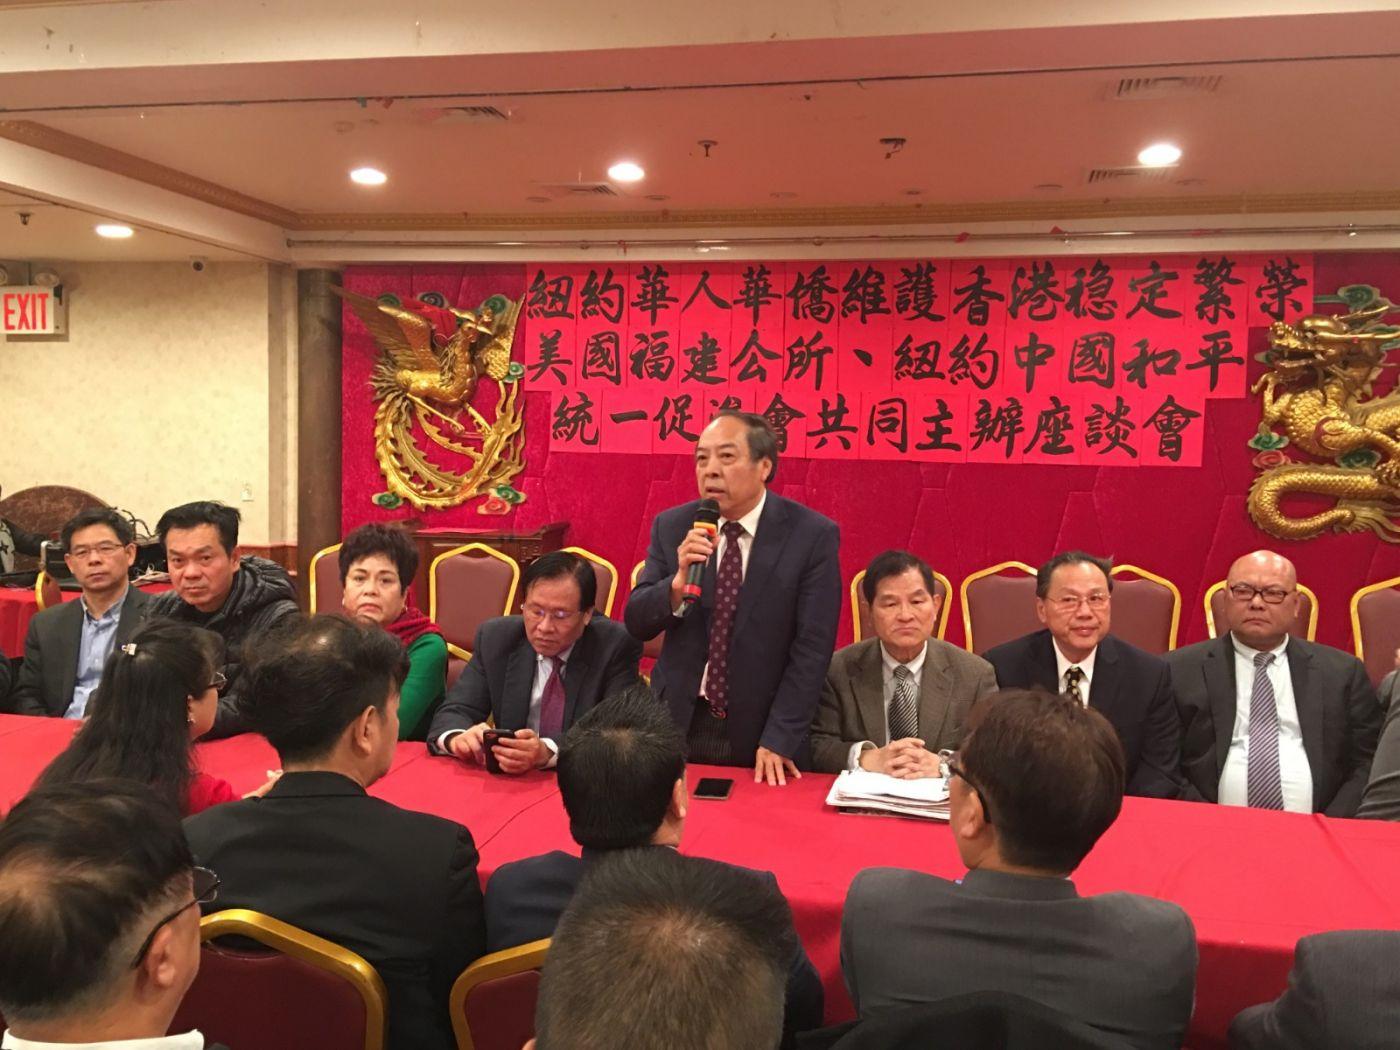 紐約華人華僑維護香港穩定繁榮座談會在紐約舉行_图1-6